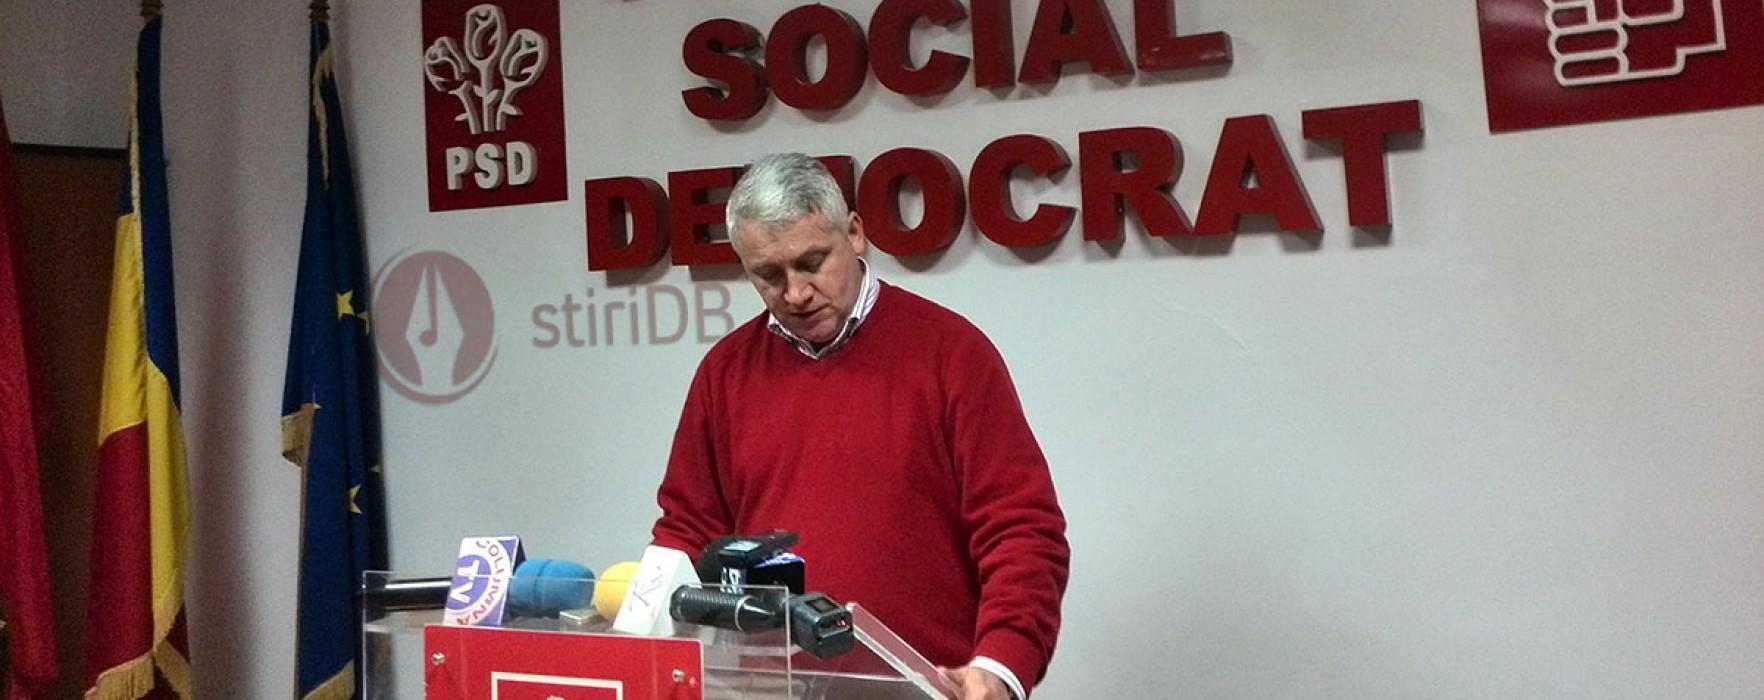 Dâmboviţa: Ponta – 58,09%, Iohannis – 41,91%, conform numărătorii paralele a PSD